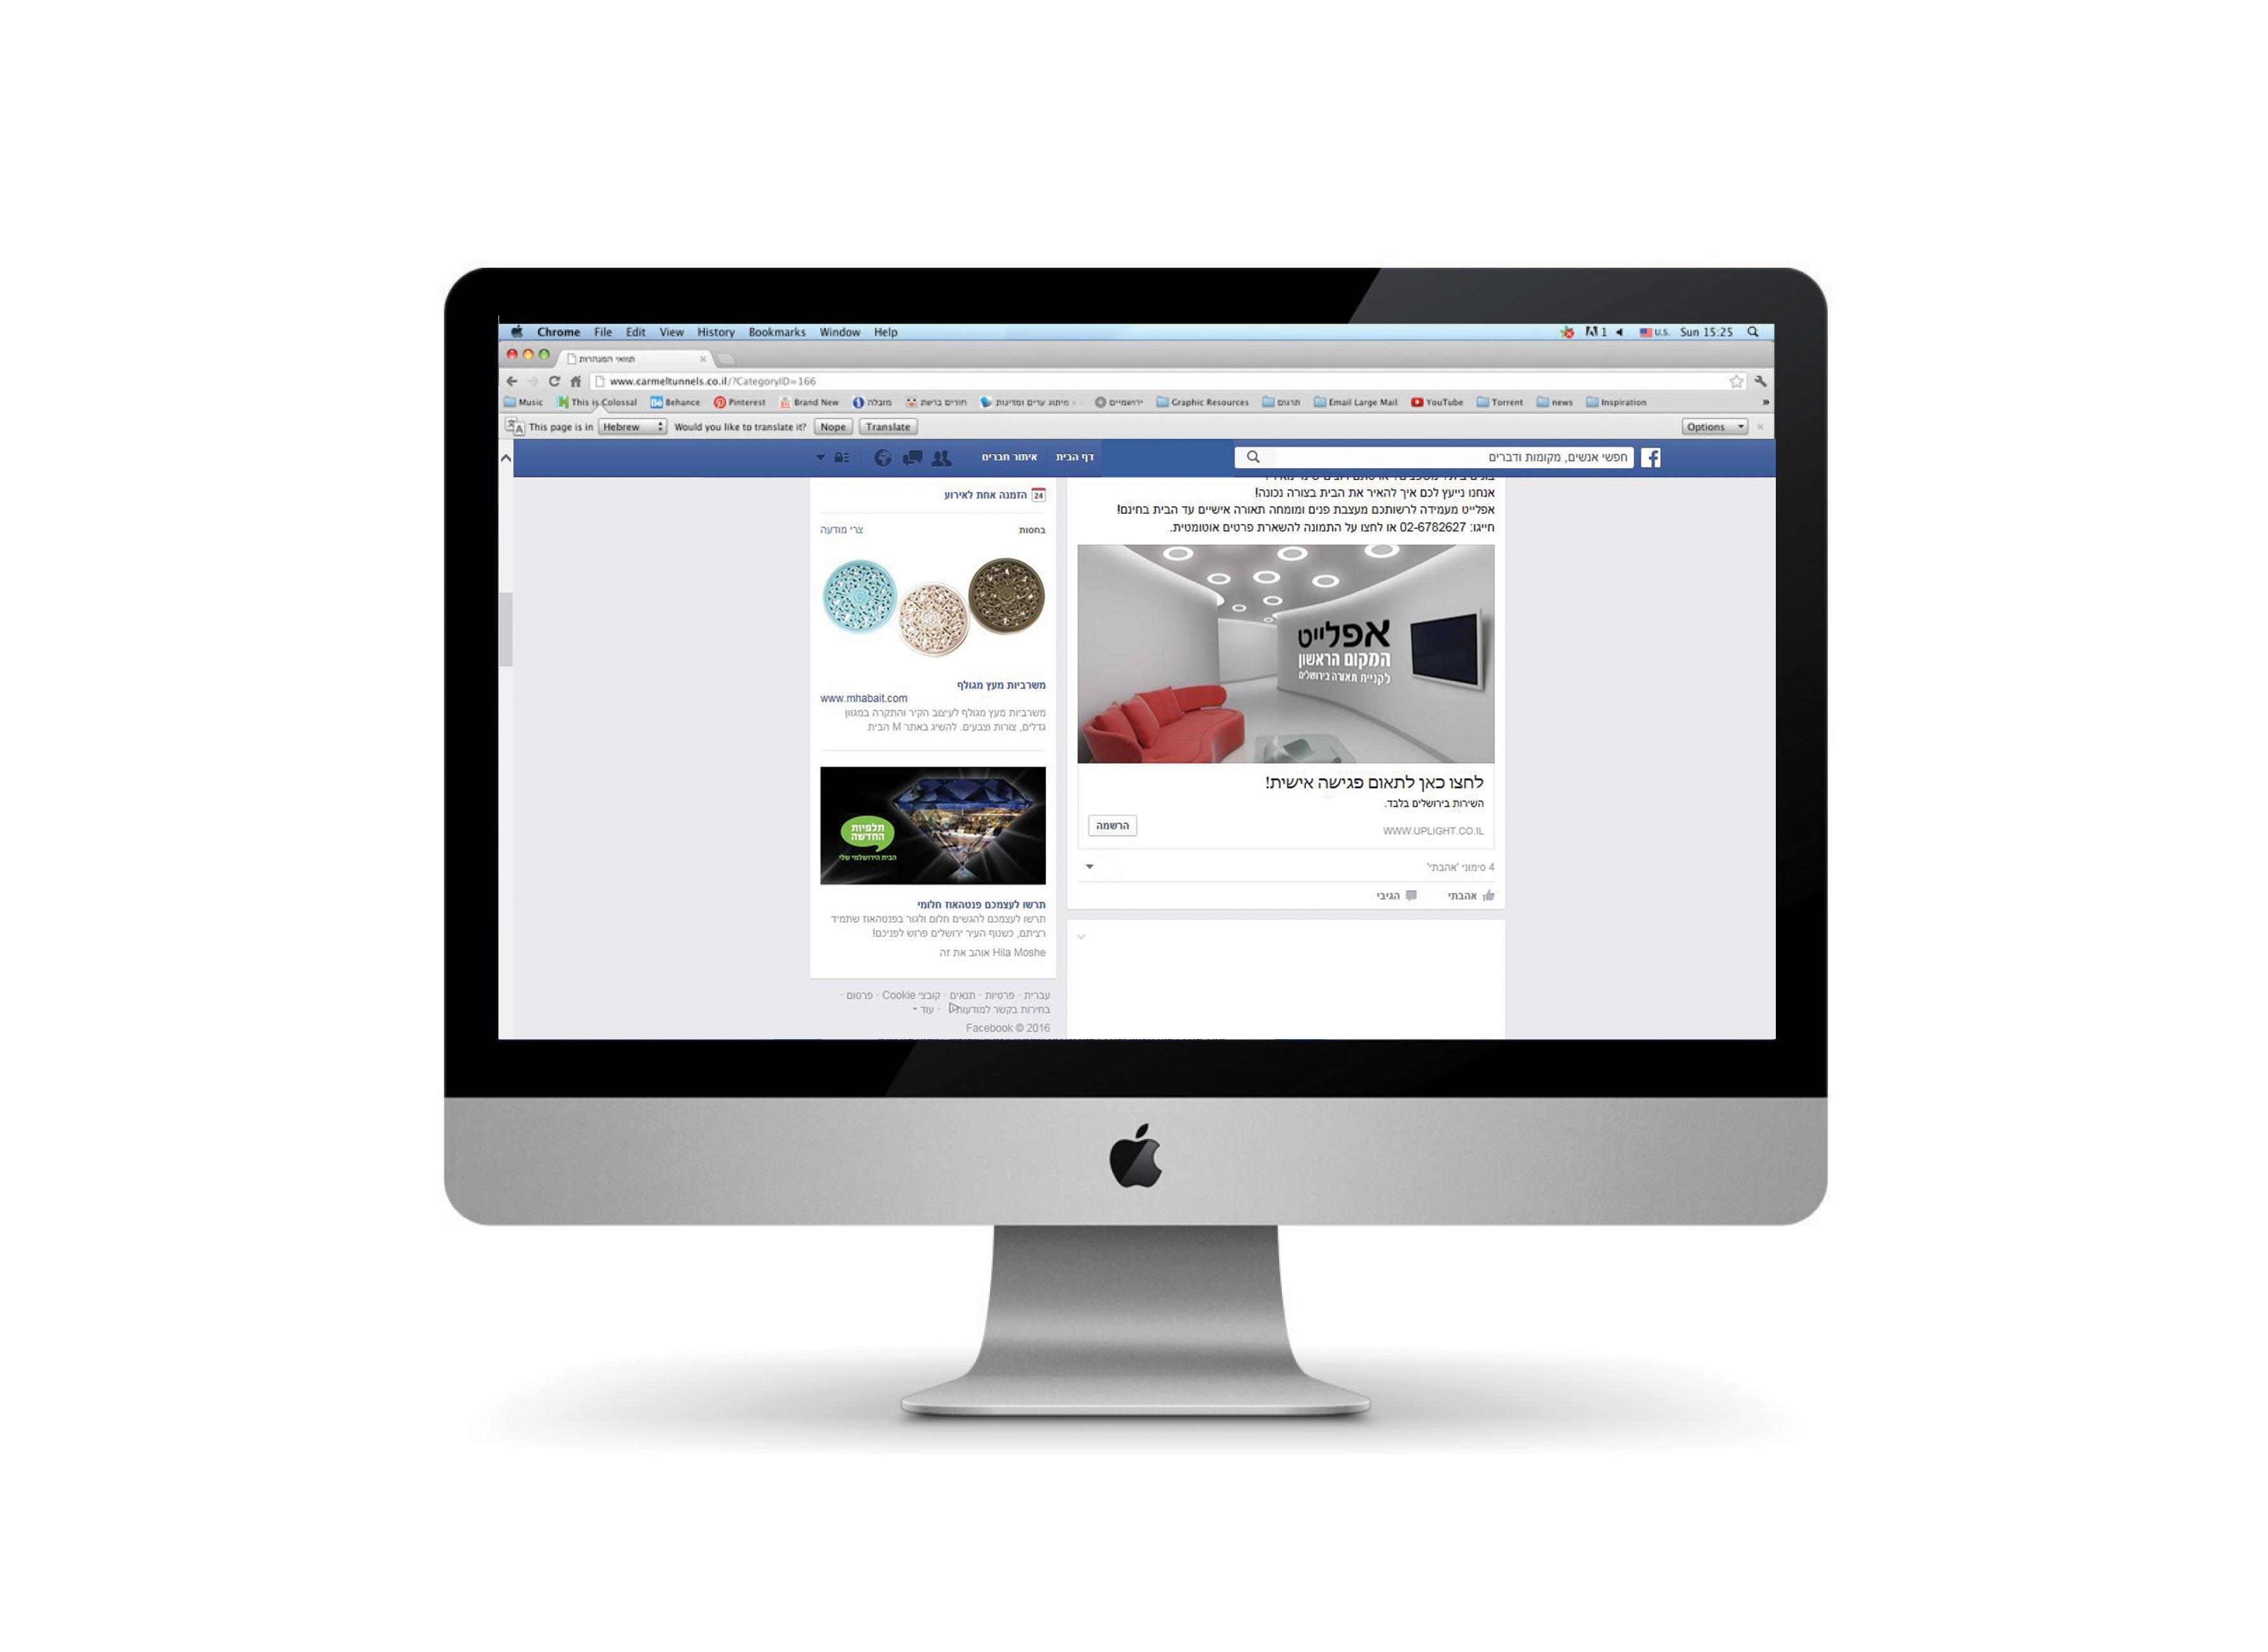 קמפיין פנטהאוז תלפיות החדשה - מודעת פייסבוק